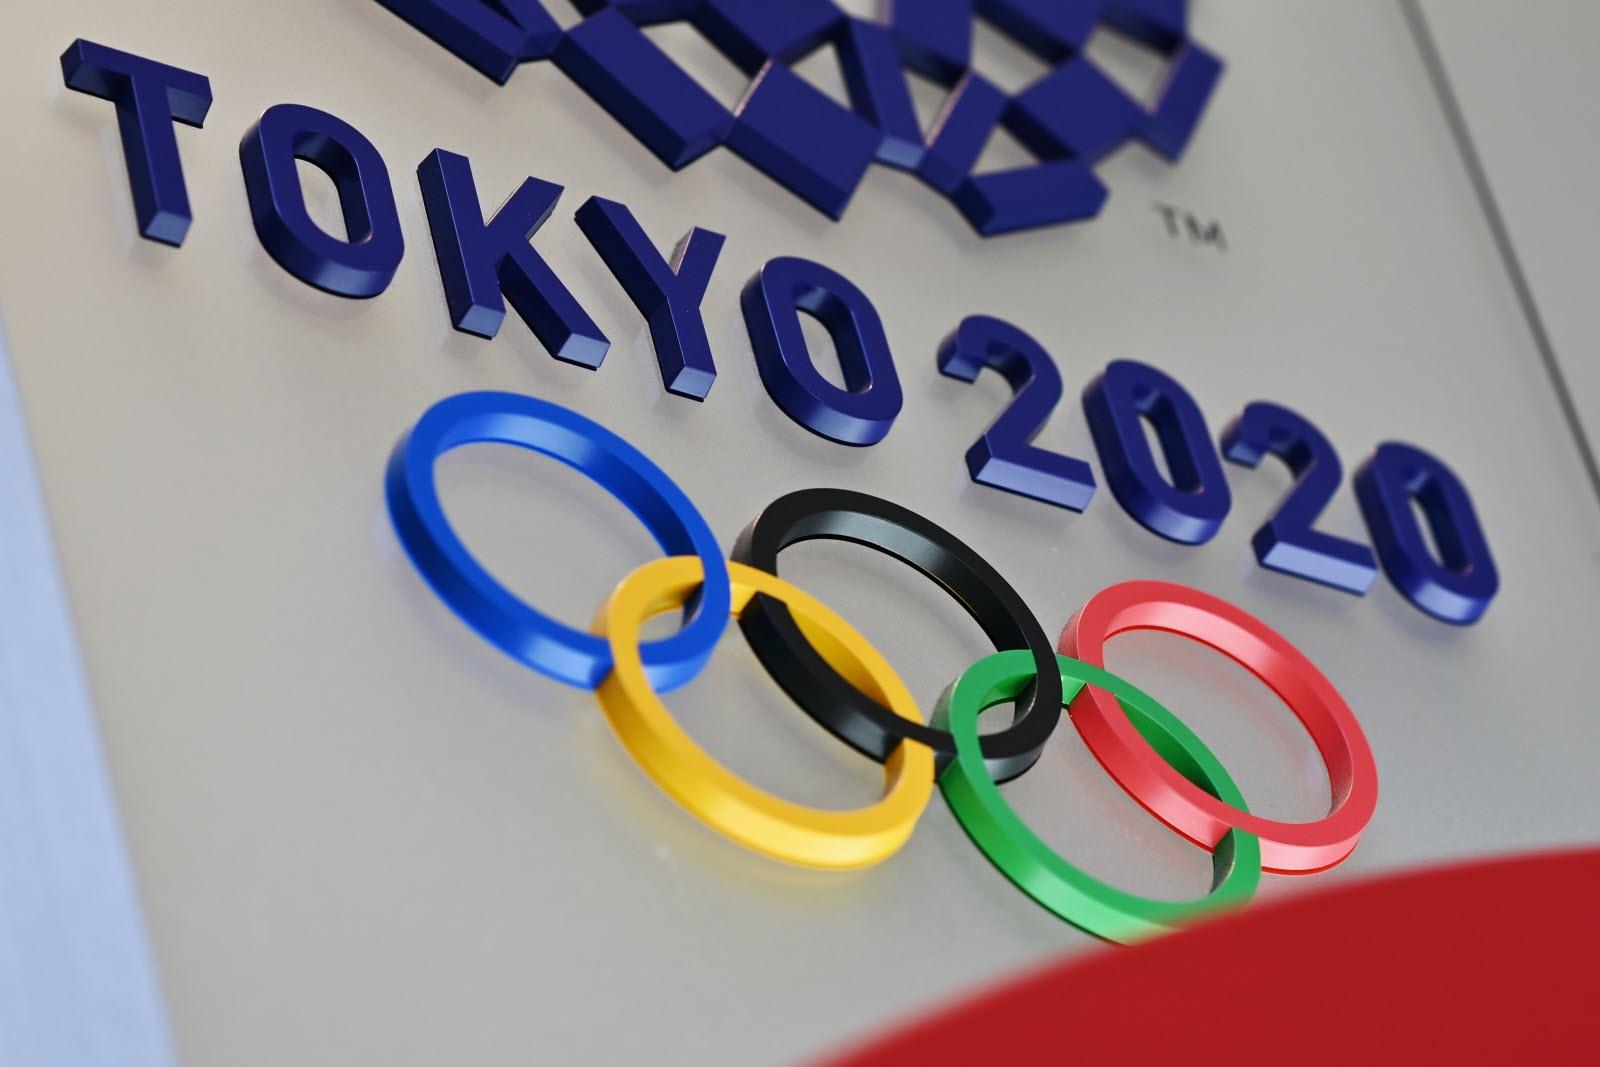 كوريا الشمالية تعلن عدم مشاركتها في أولمبياد طوكيو بسبب مخاوف  كورونا